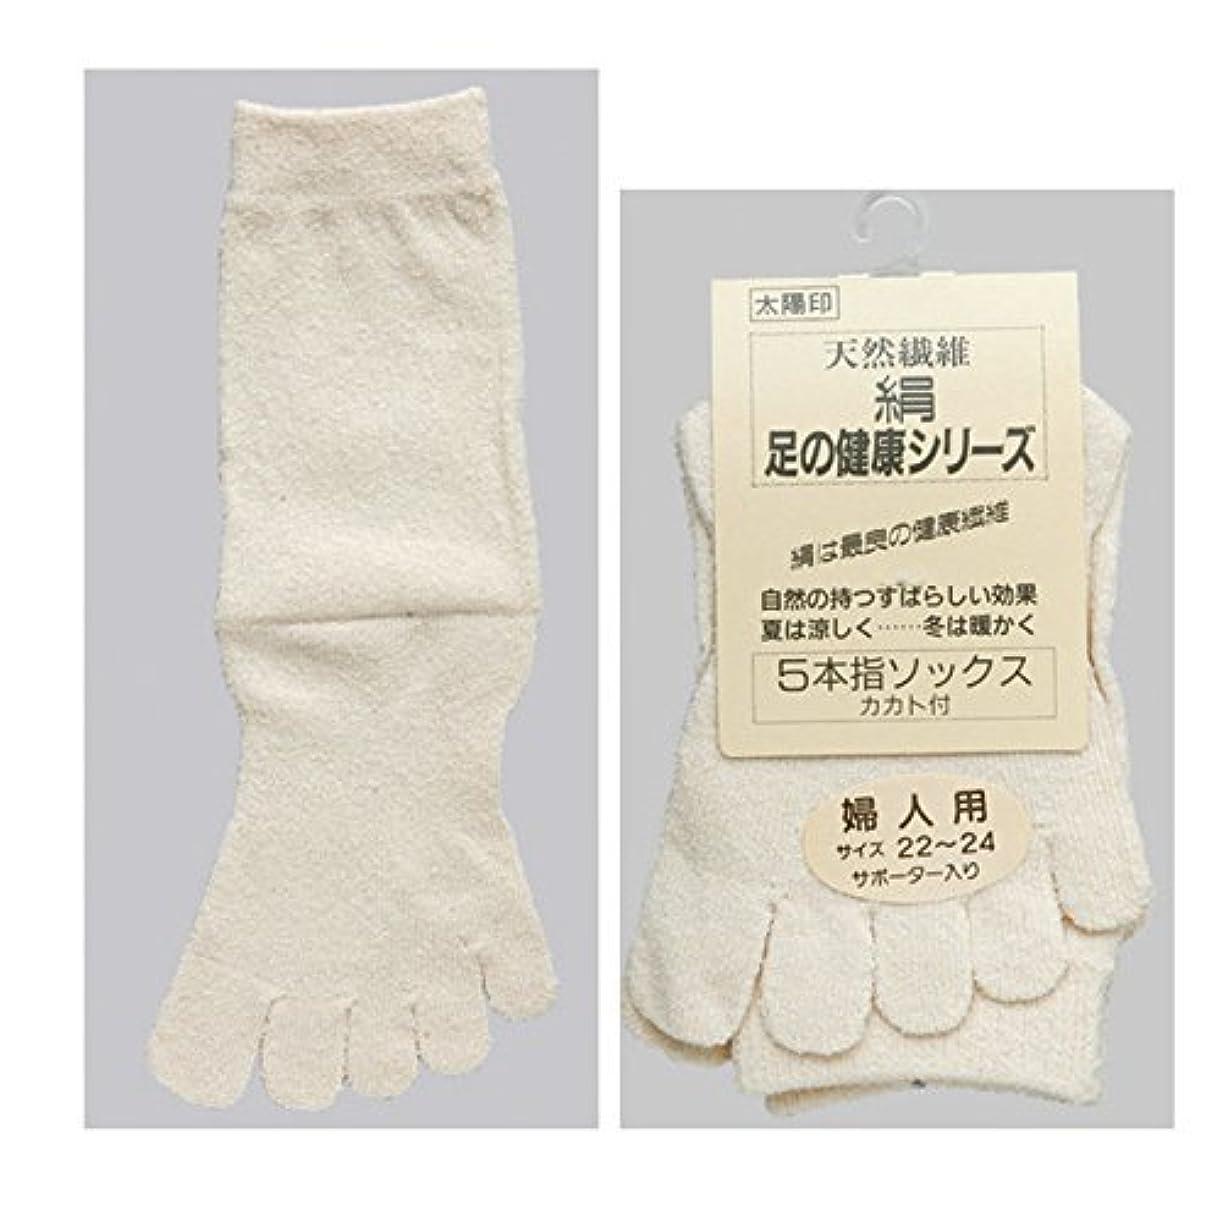 歴史最大化するカルシウム日本製 シルク5本指ソックス 婦人用3足組 22-24cm (オフ白 お買得3足組) 敬老の日プレゼント